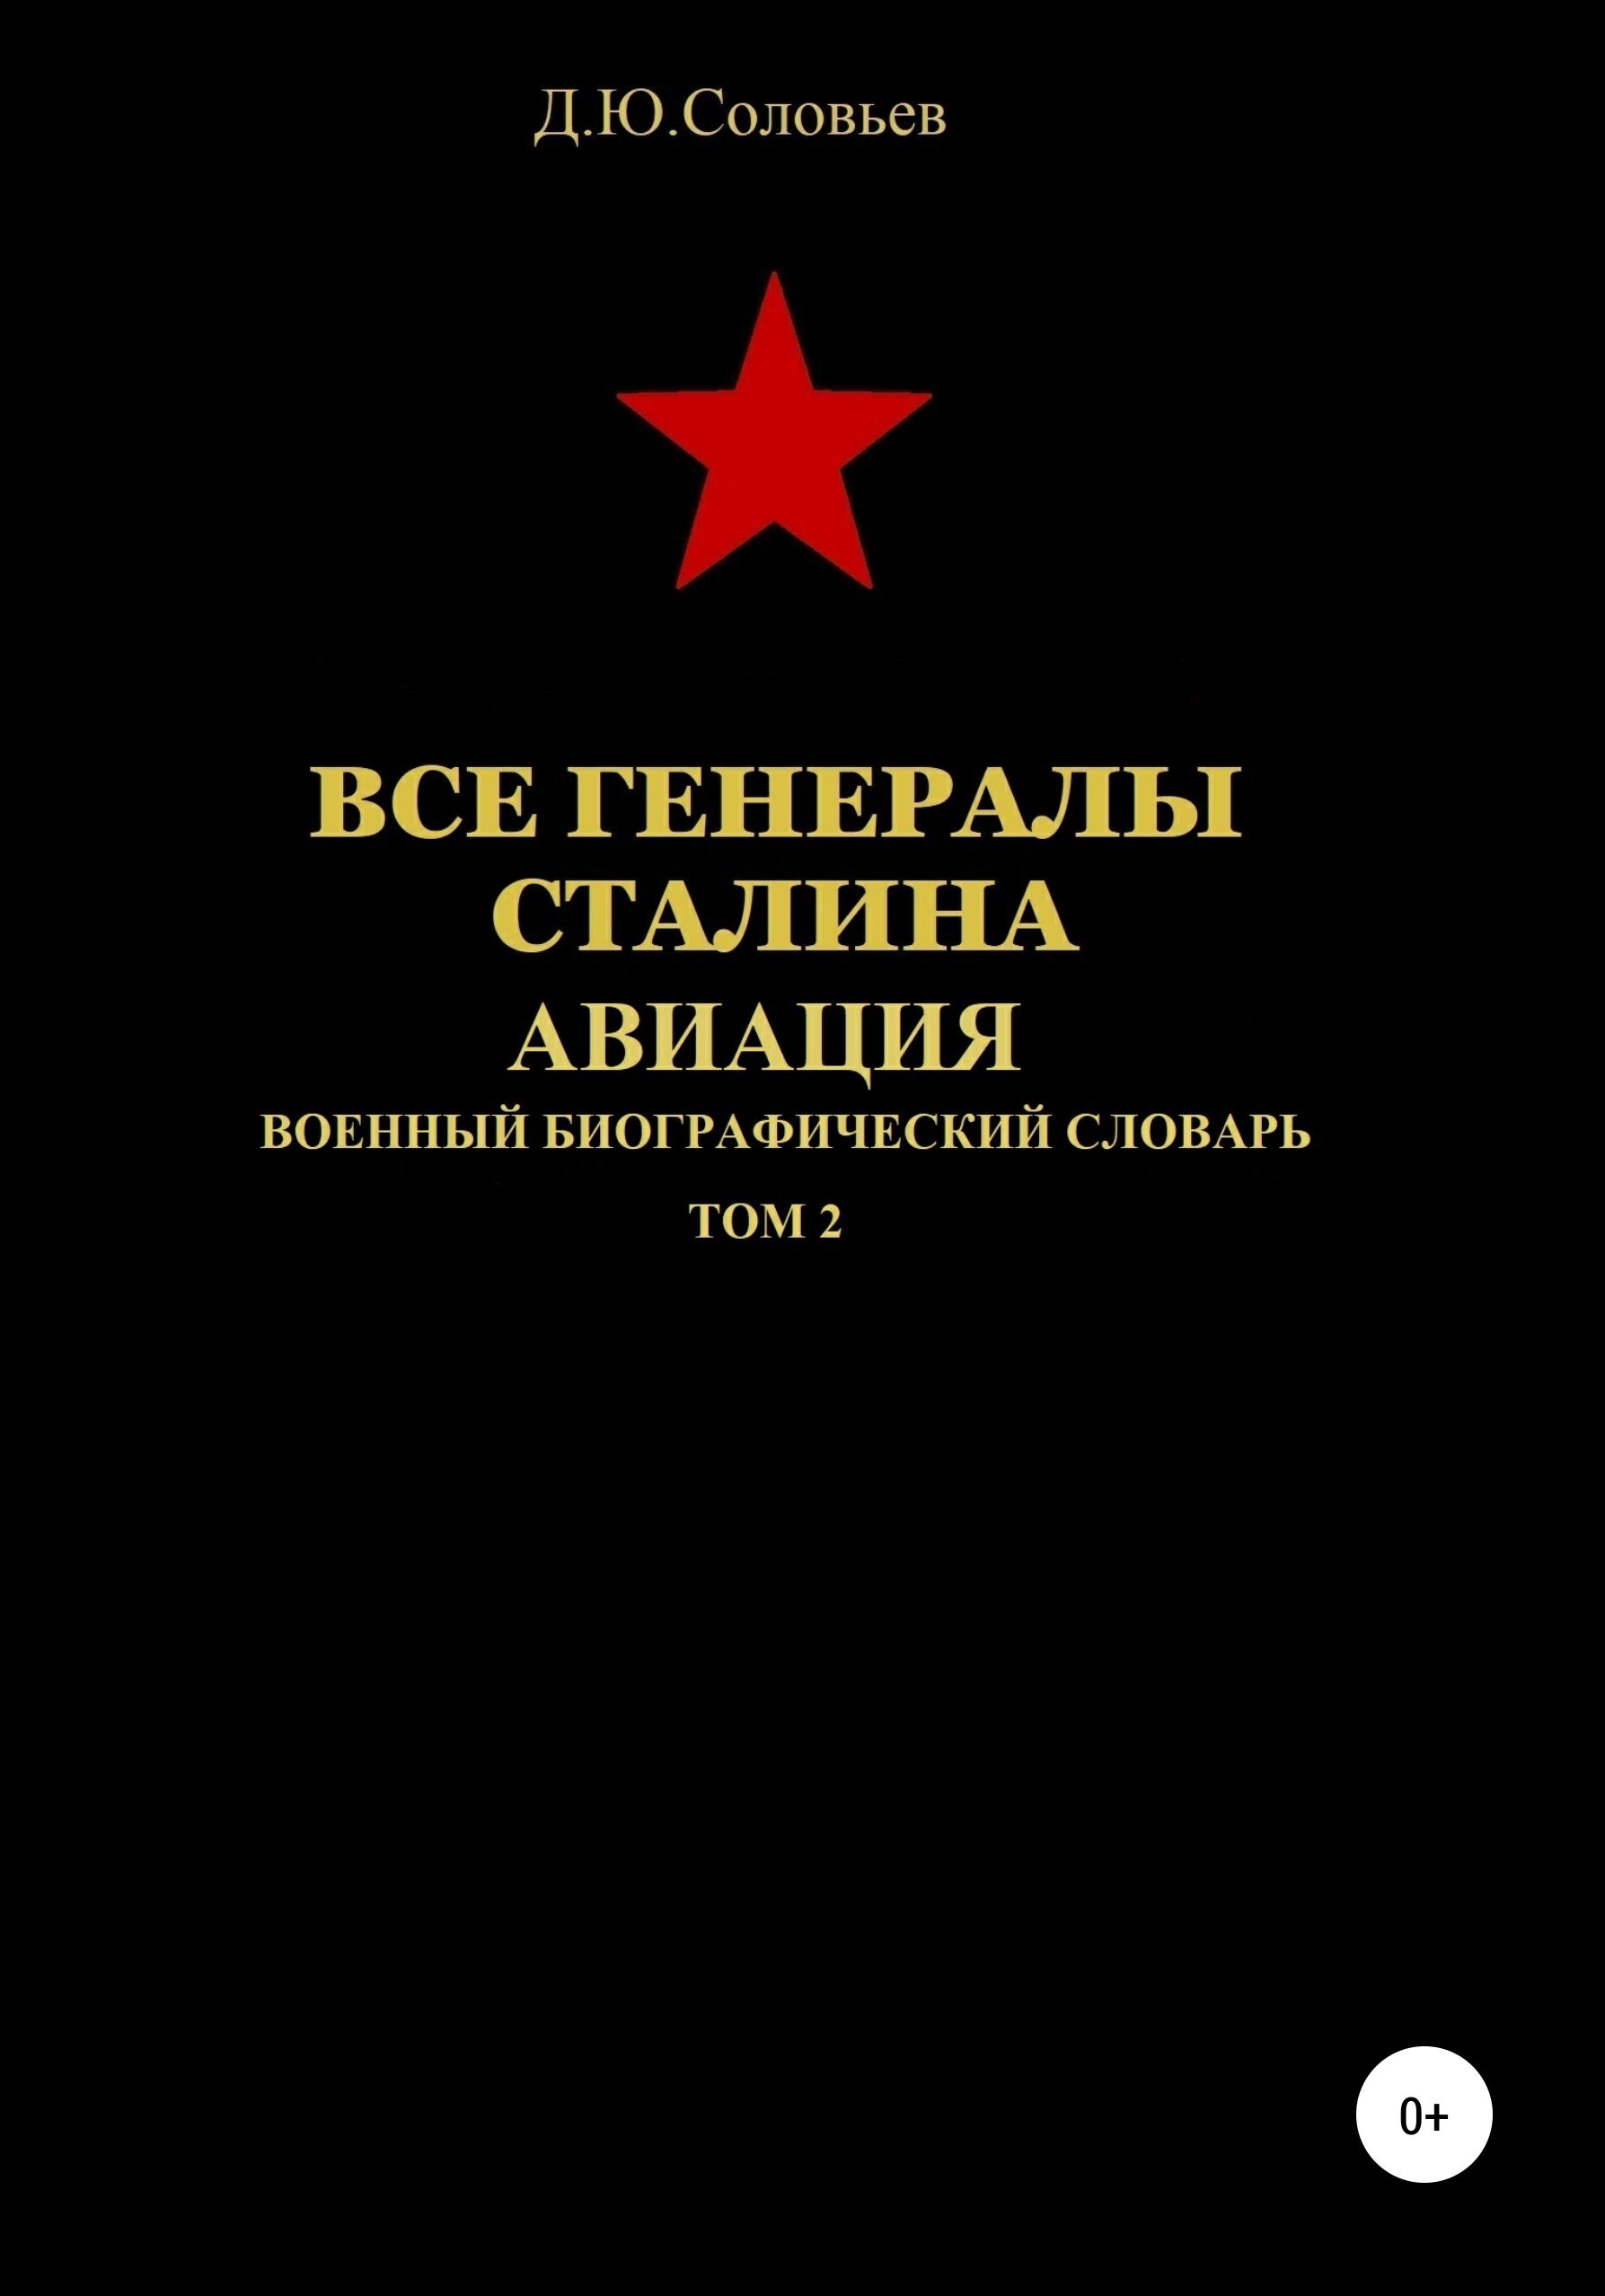 Все генералы Сталина. Авиация. Том 2